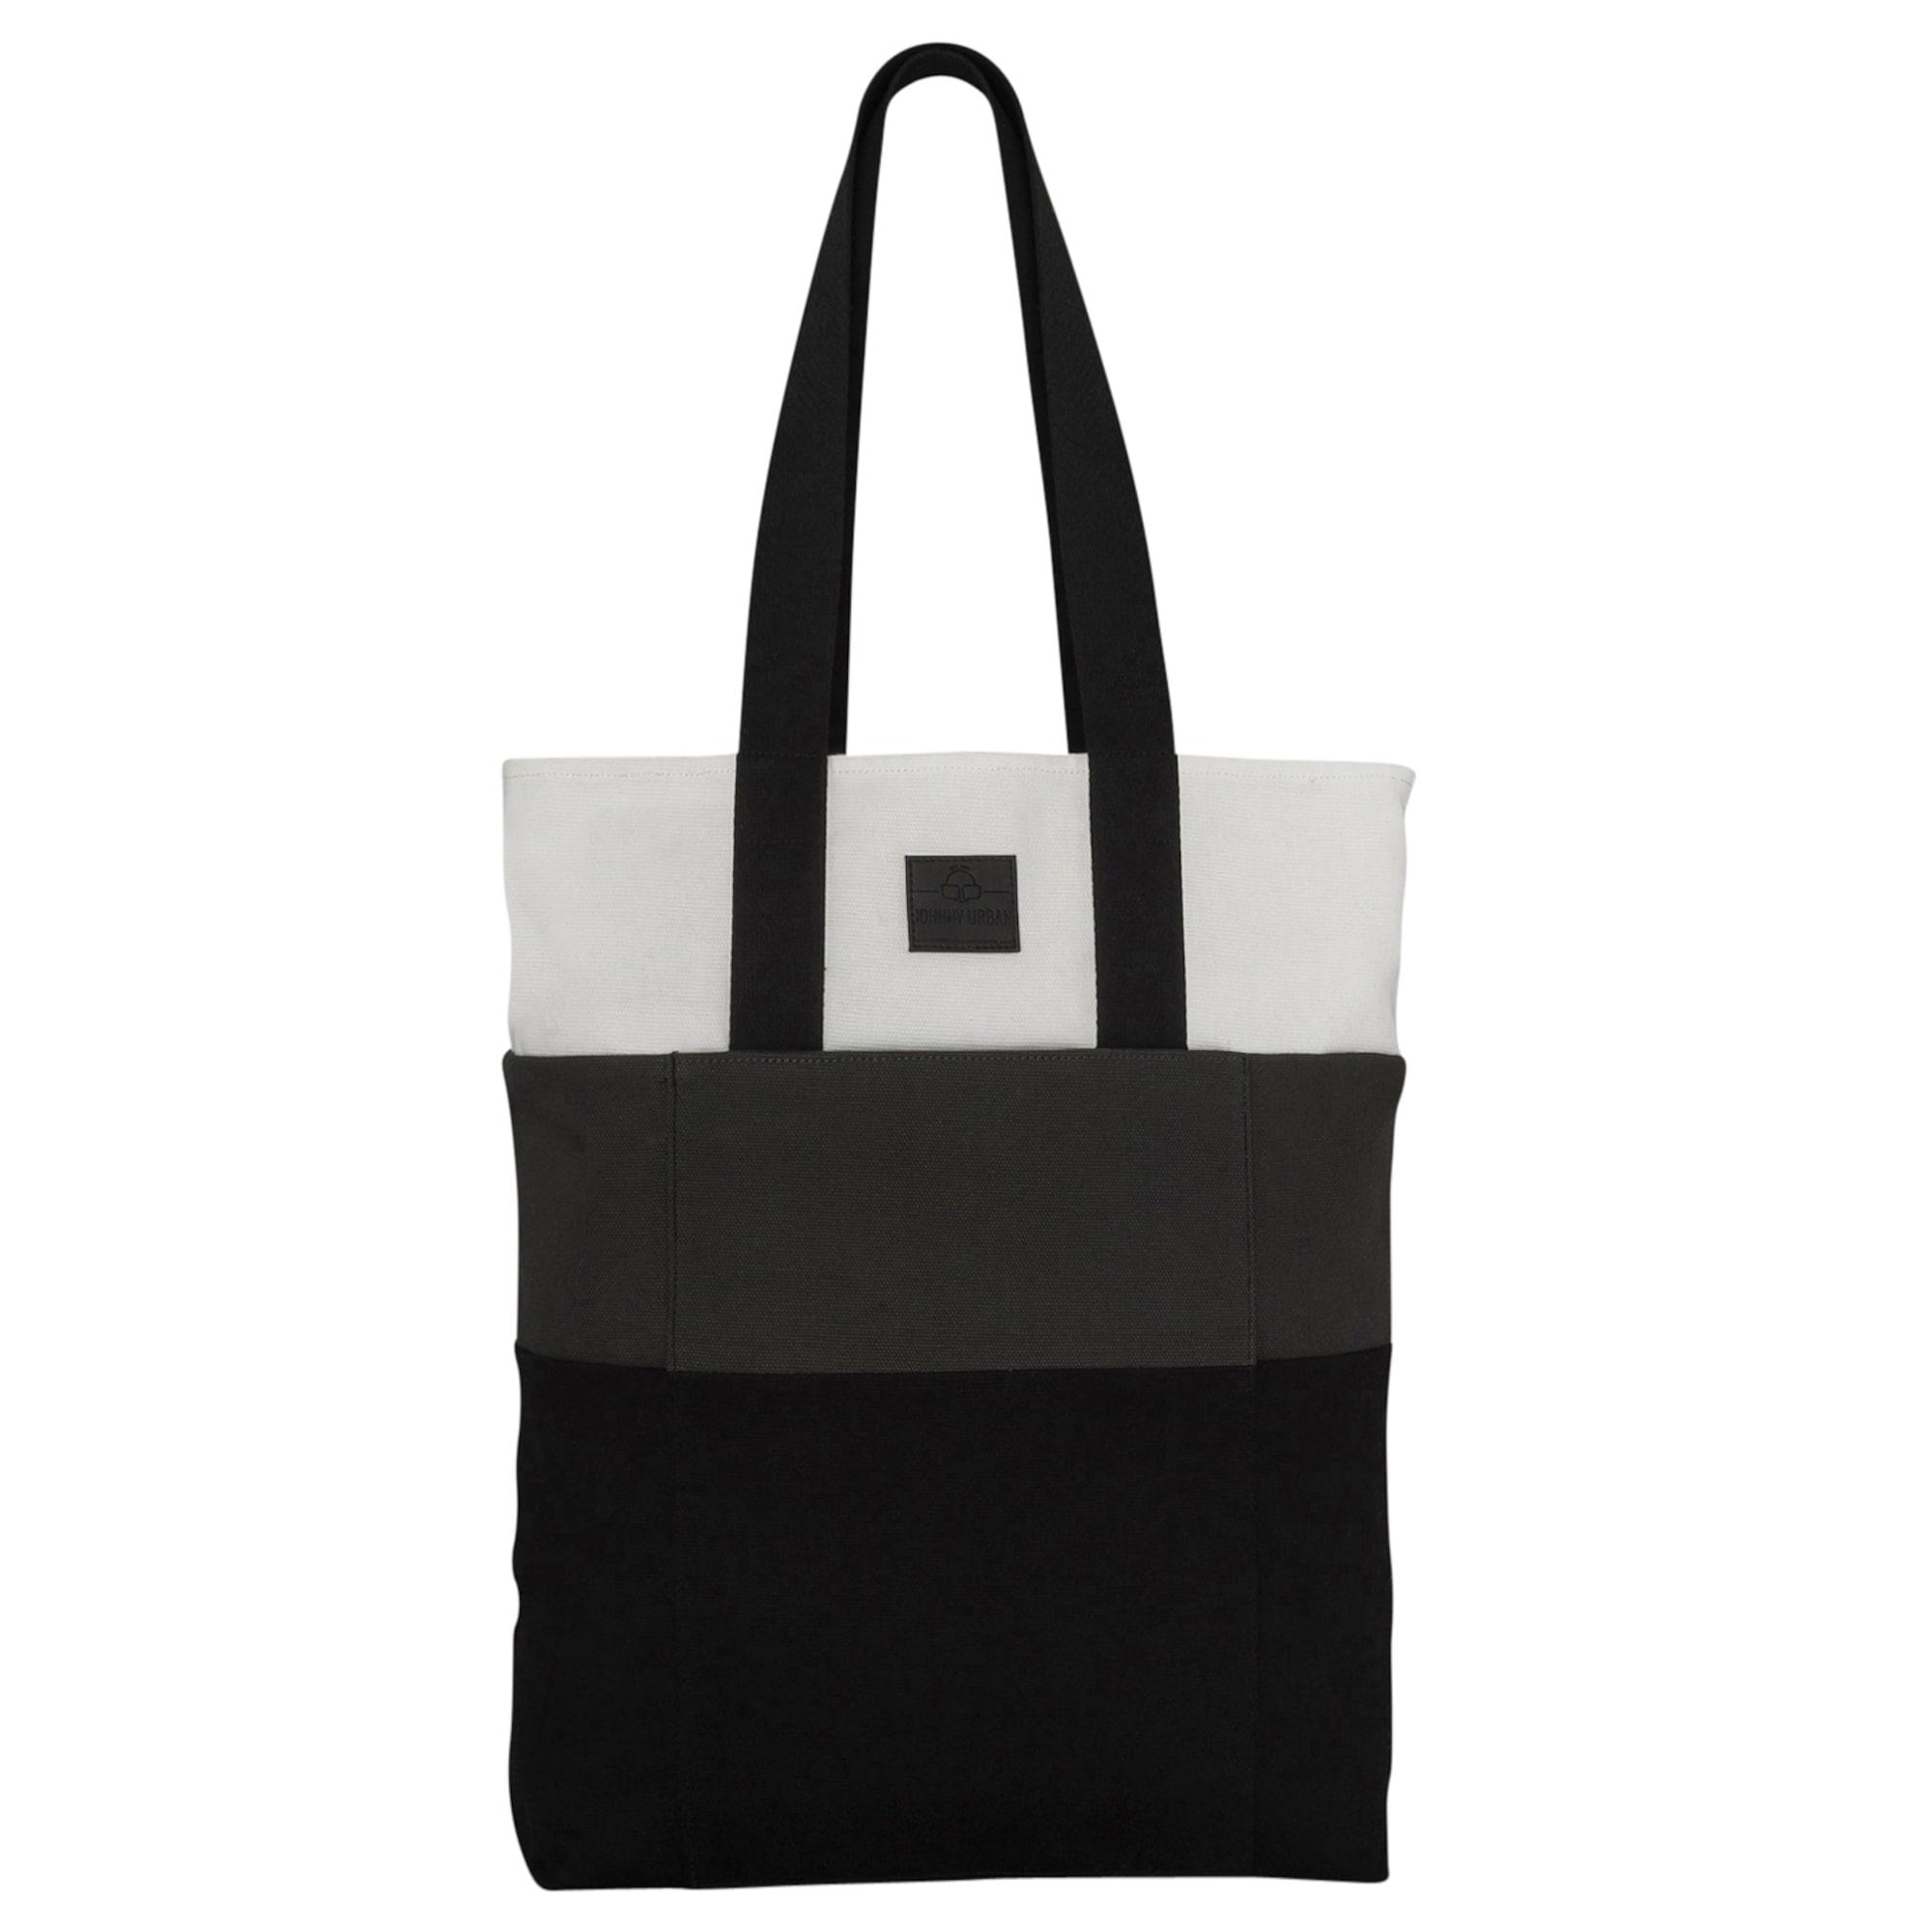 Nákupní taška Zoe šedá černá bílá Johnny Urban